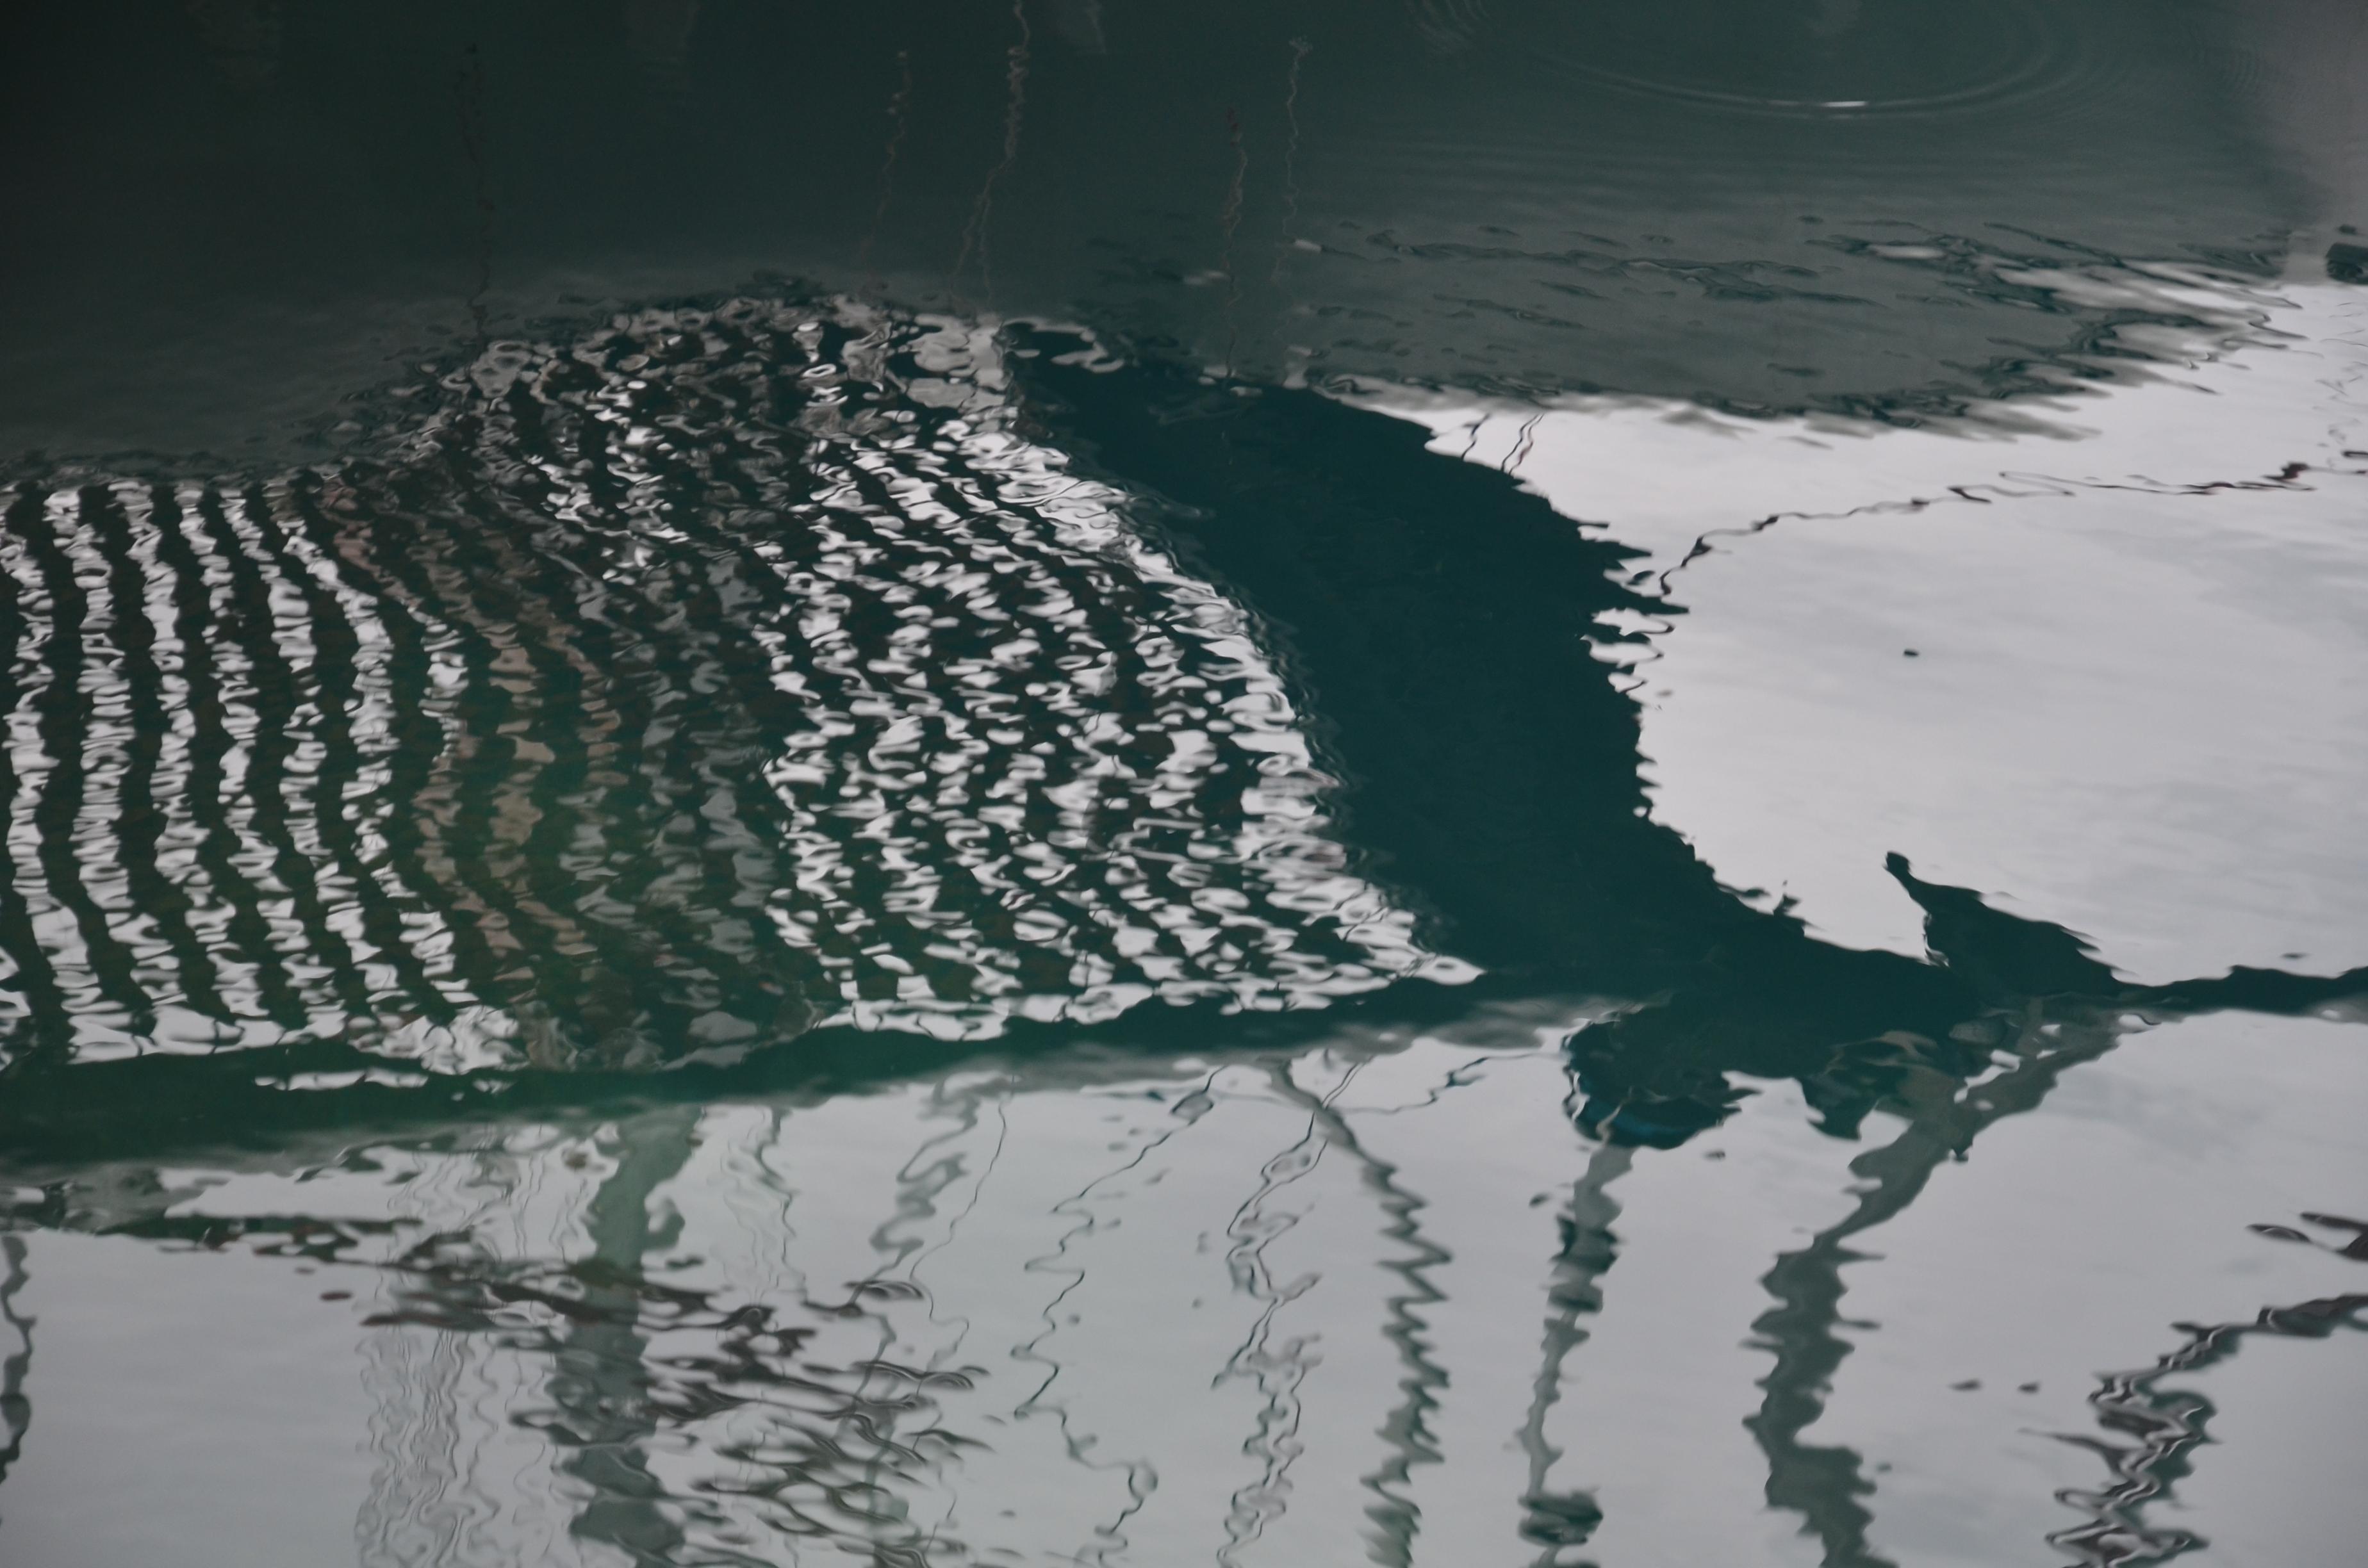 Sea Cloud - Spiegelung auf dem Wasser